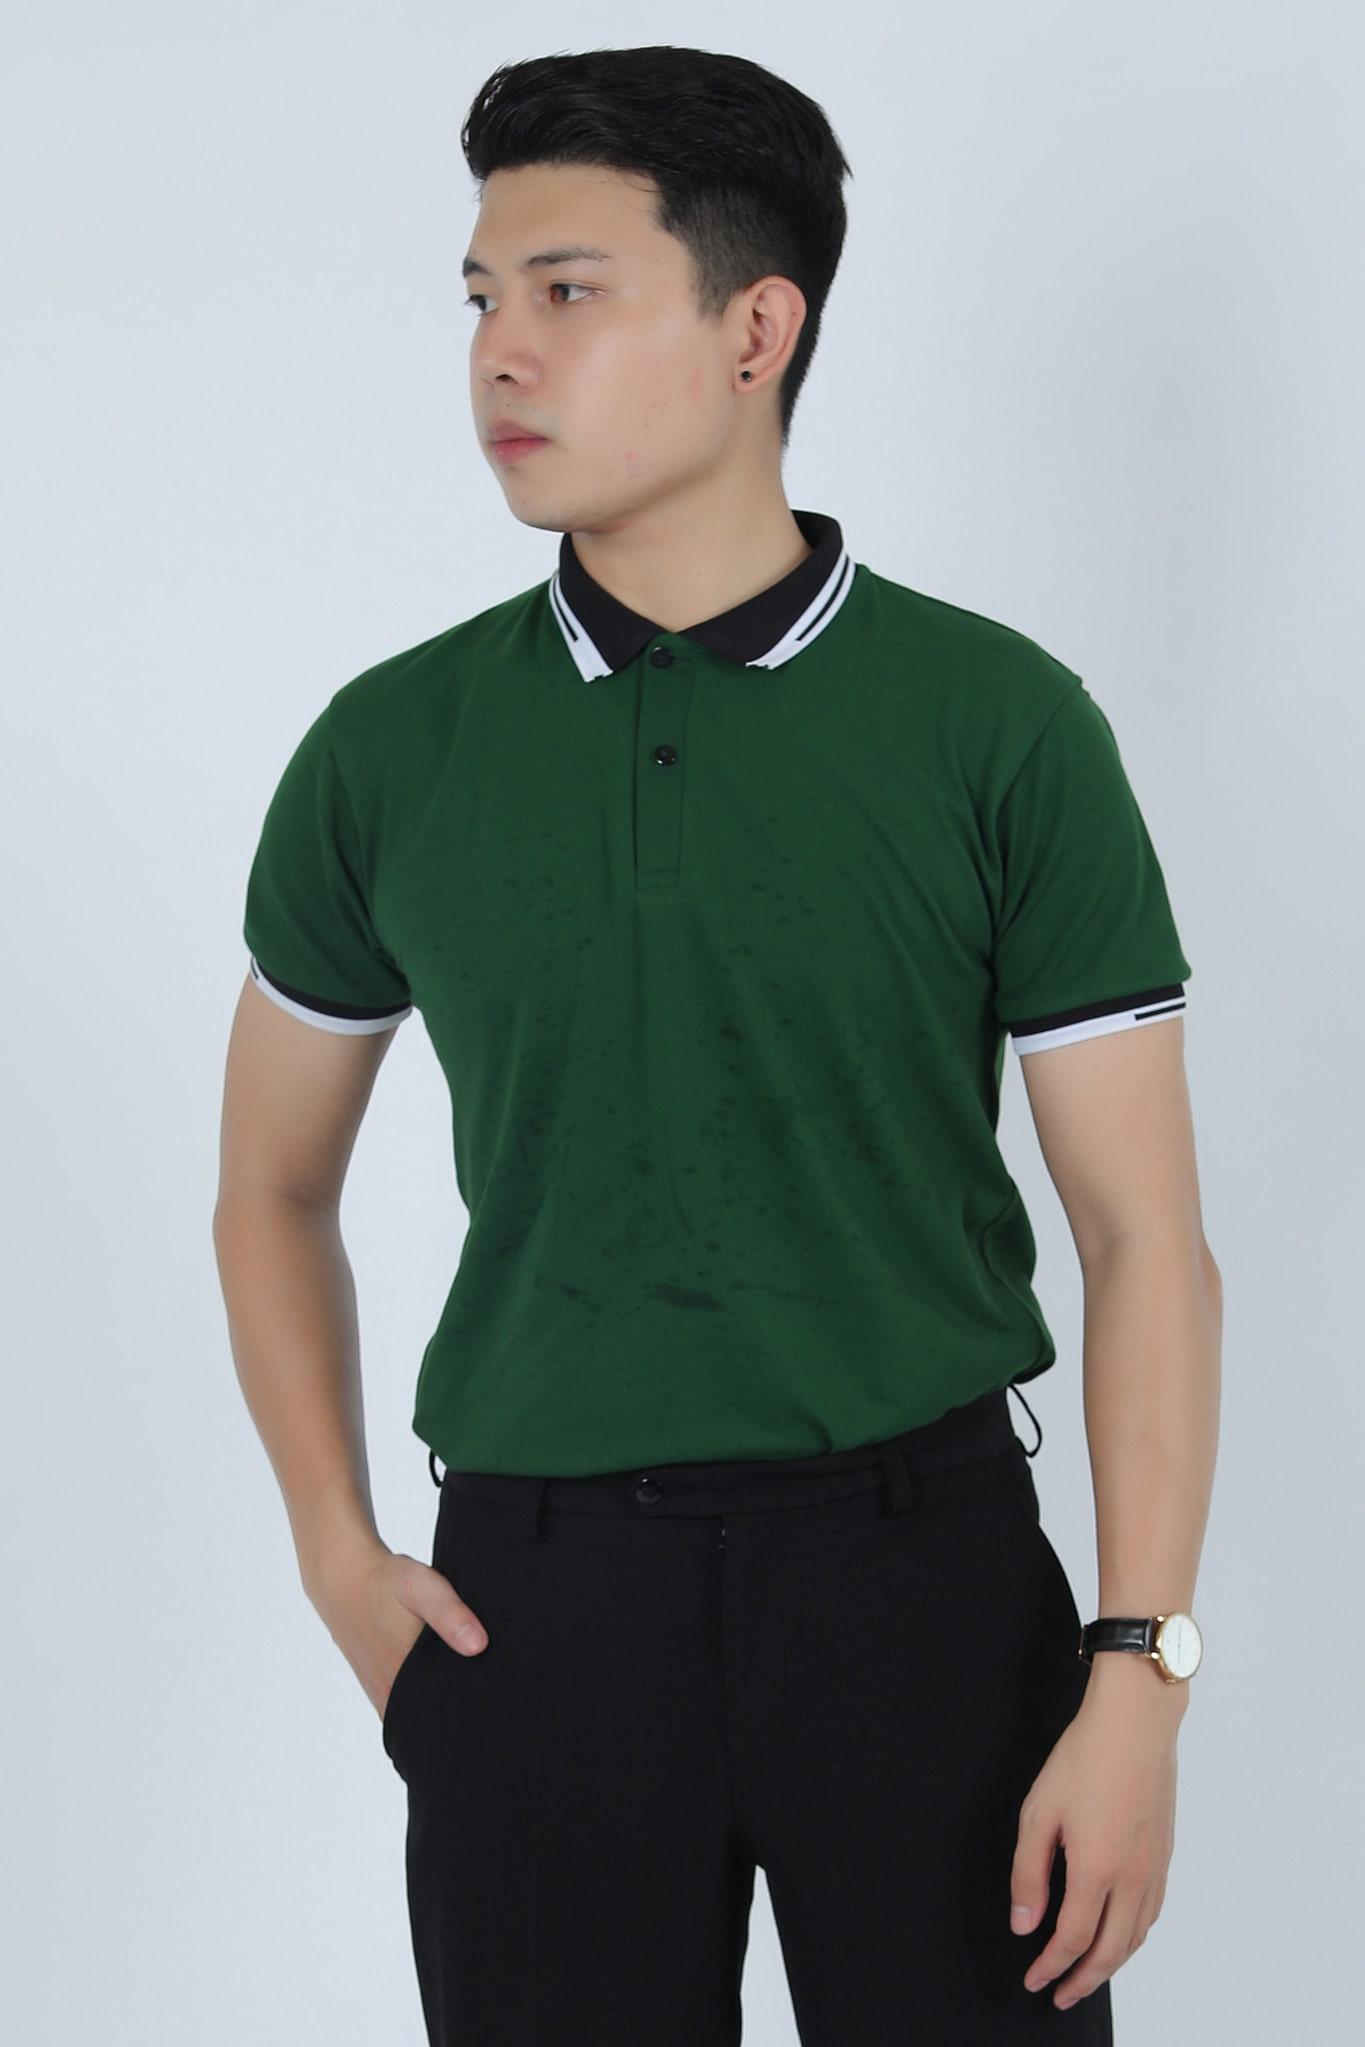 Áo đồng phục nội thất